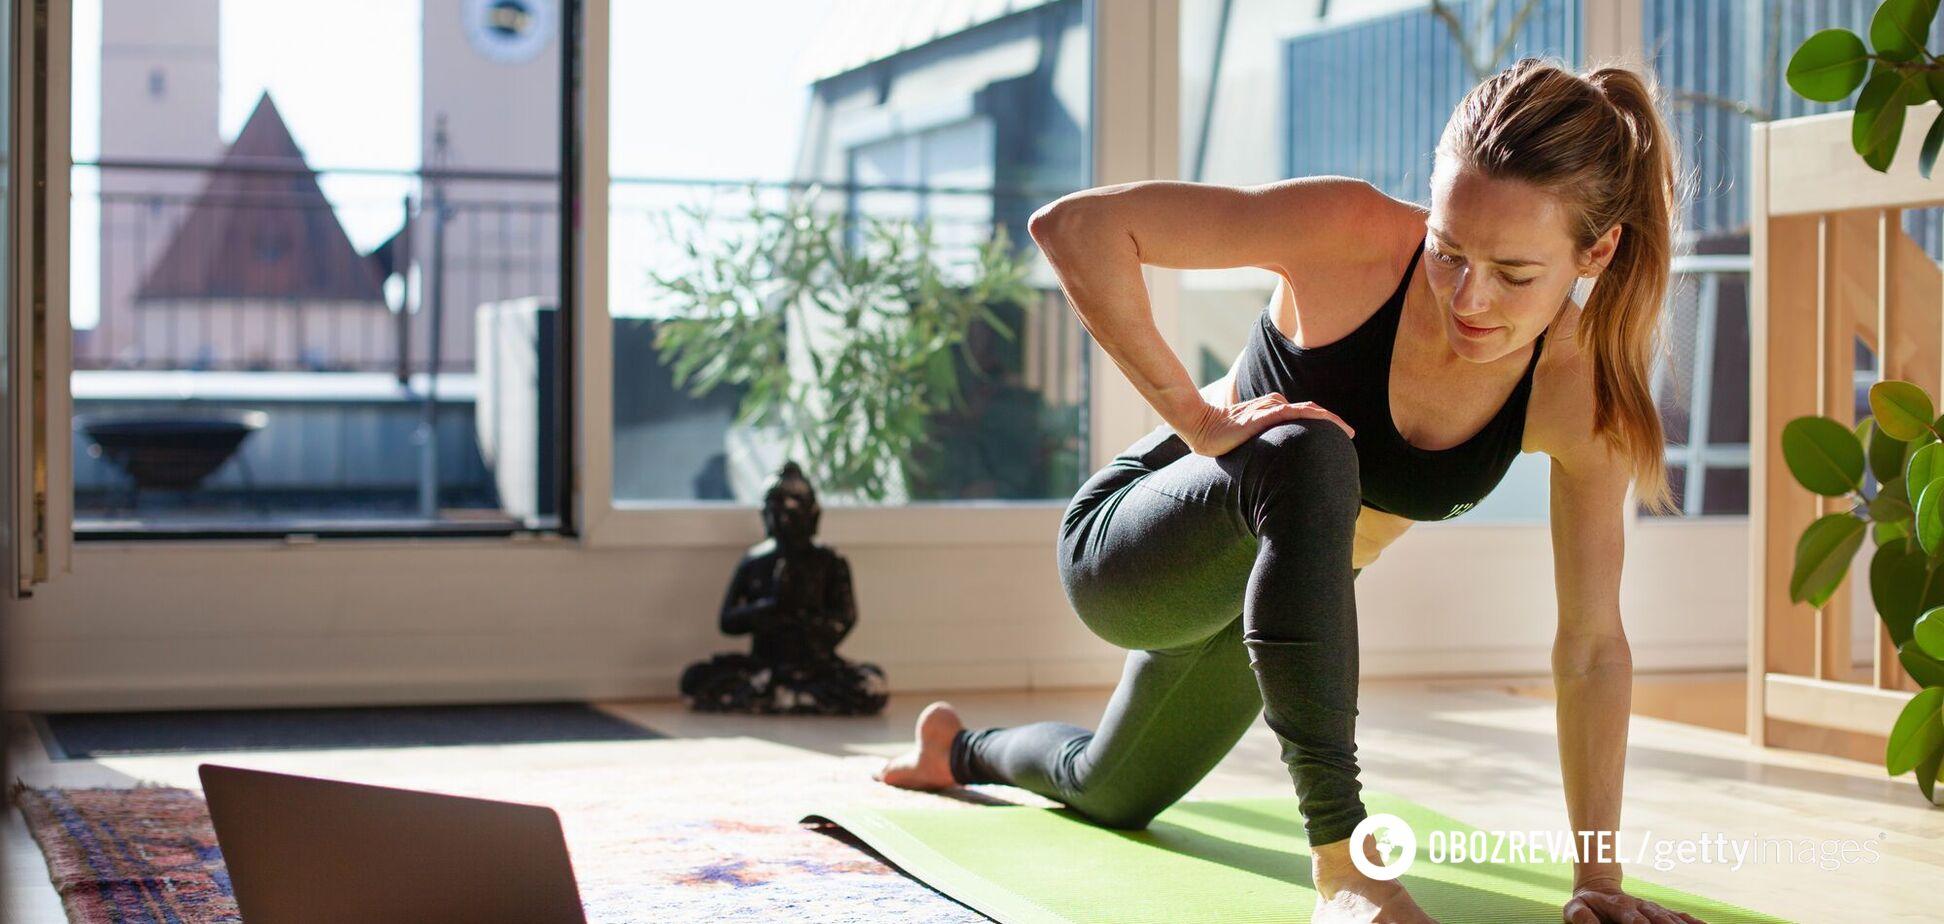 Чтобы физические упражнения принесли удовольствие и укрепили организм, необходимо выбрать вид активности, который больше всего нравится